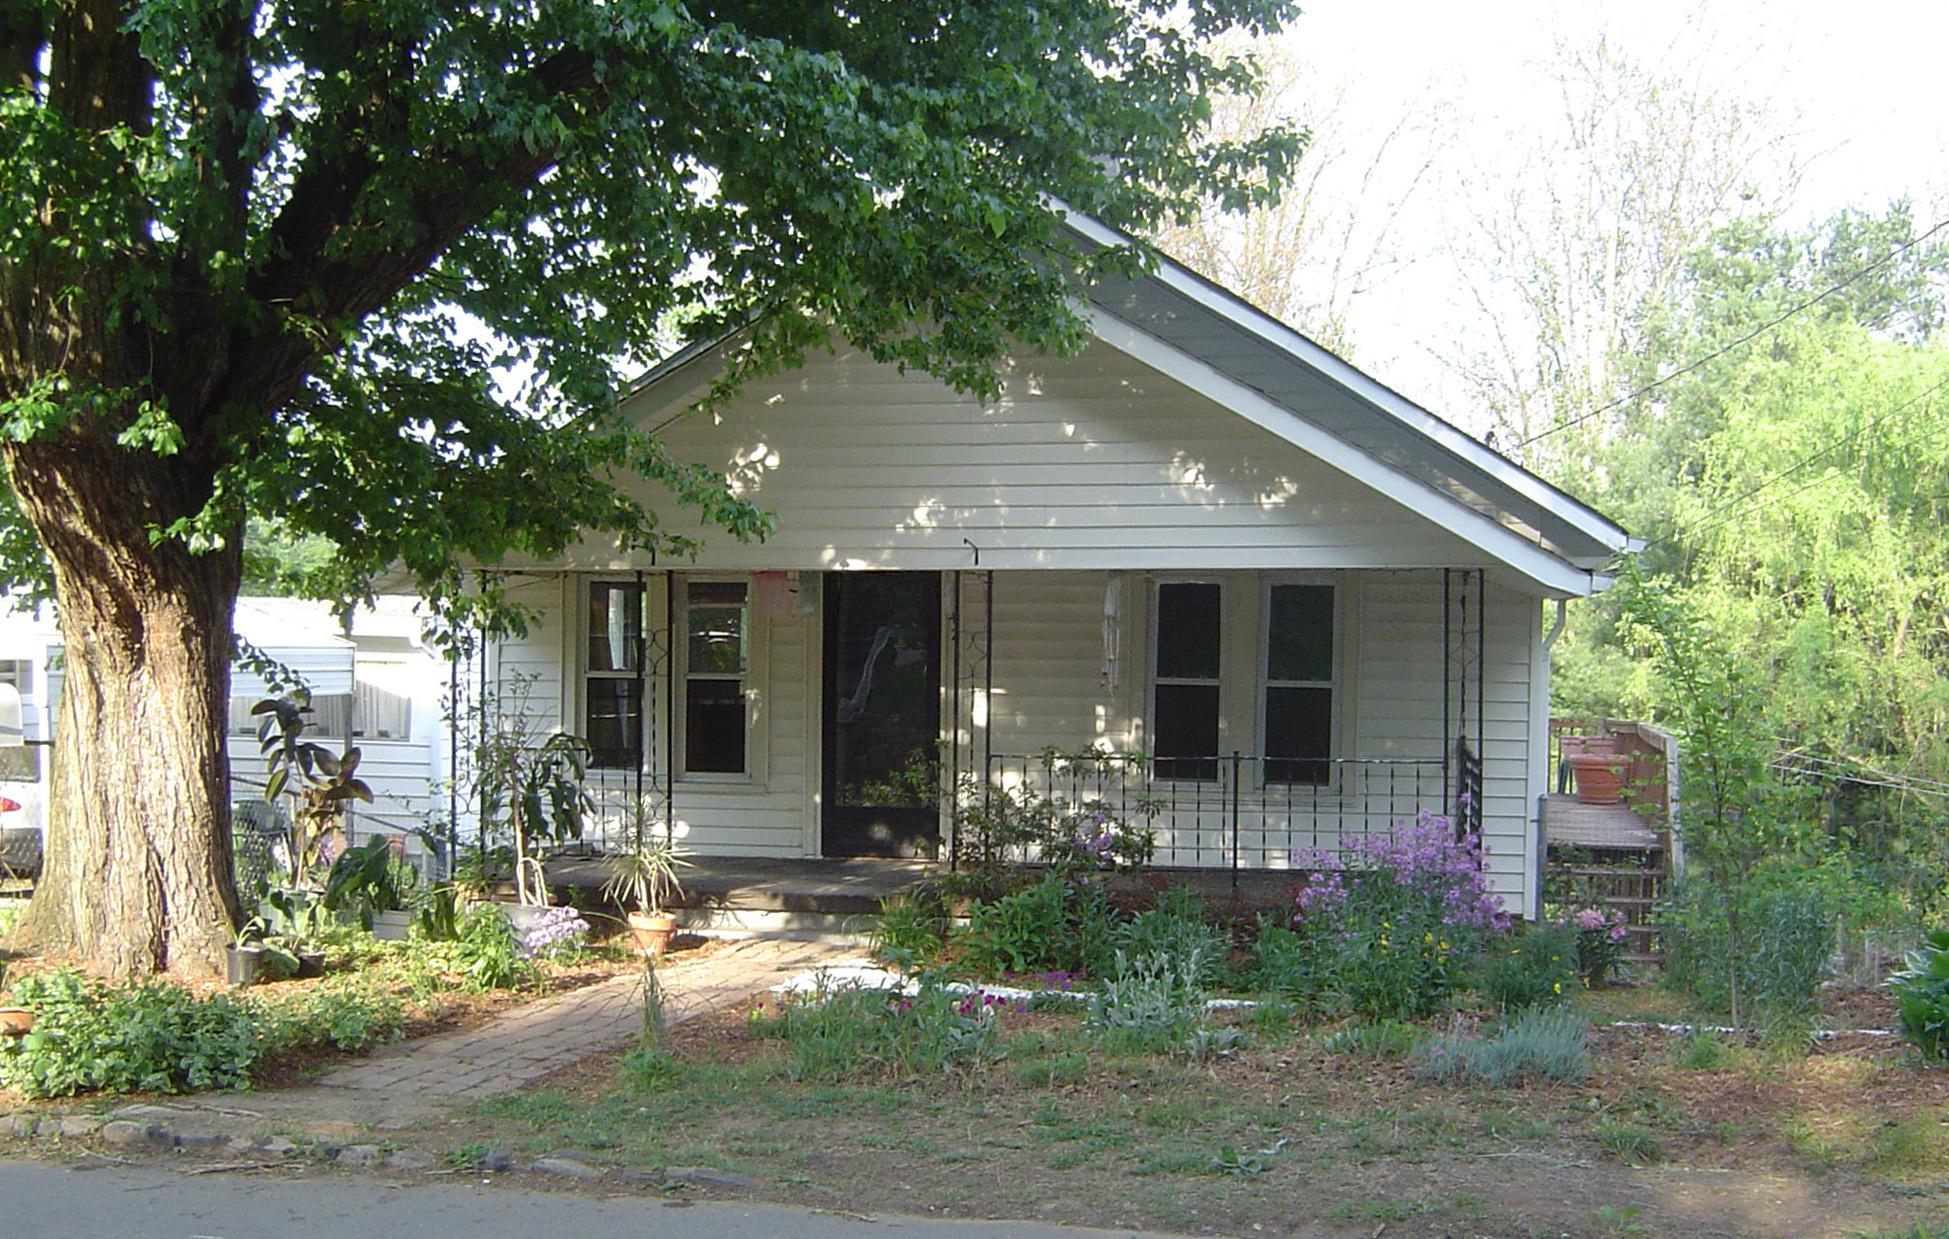 1910 Cottage. Asheville, NC 2005